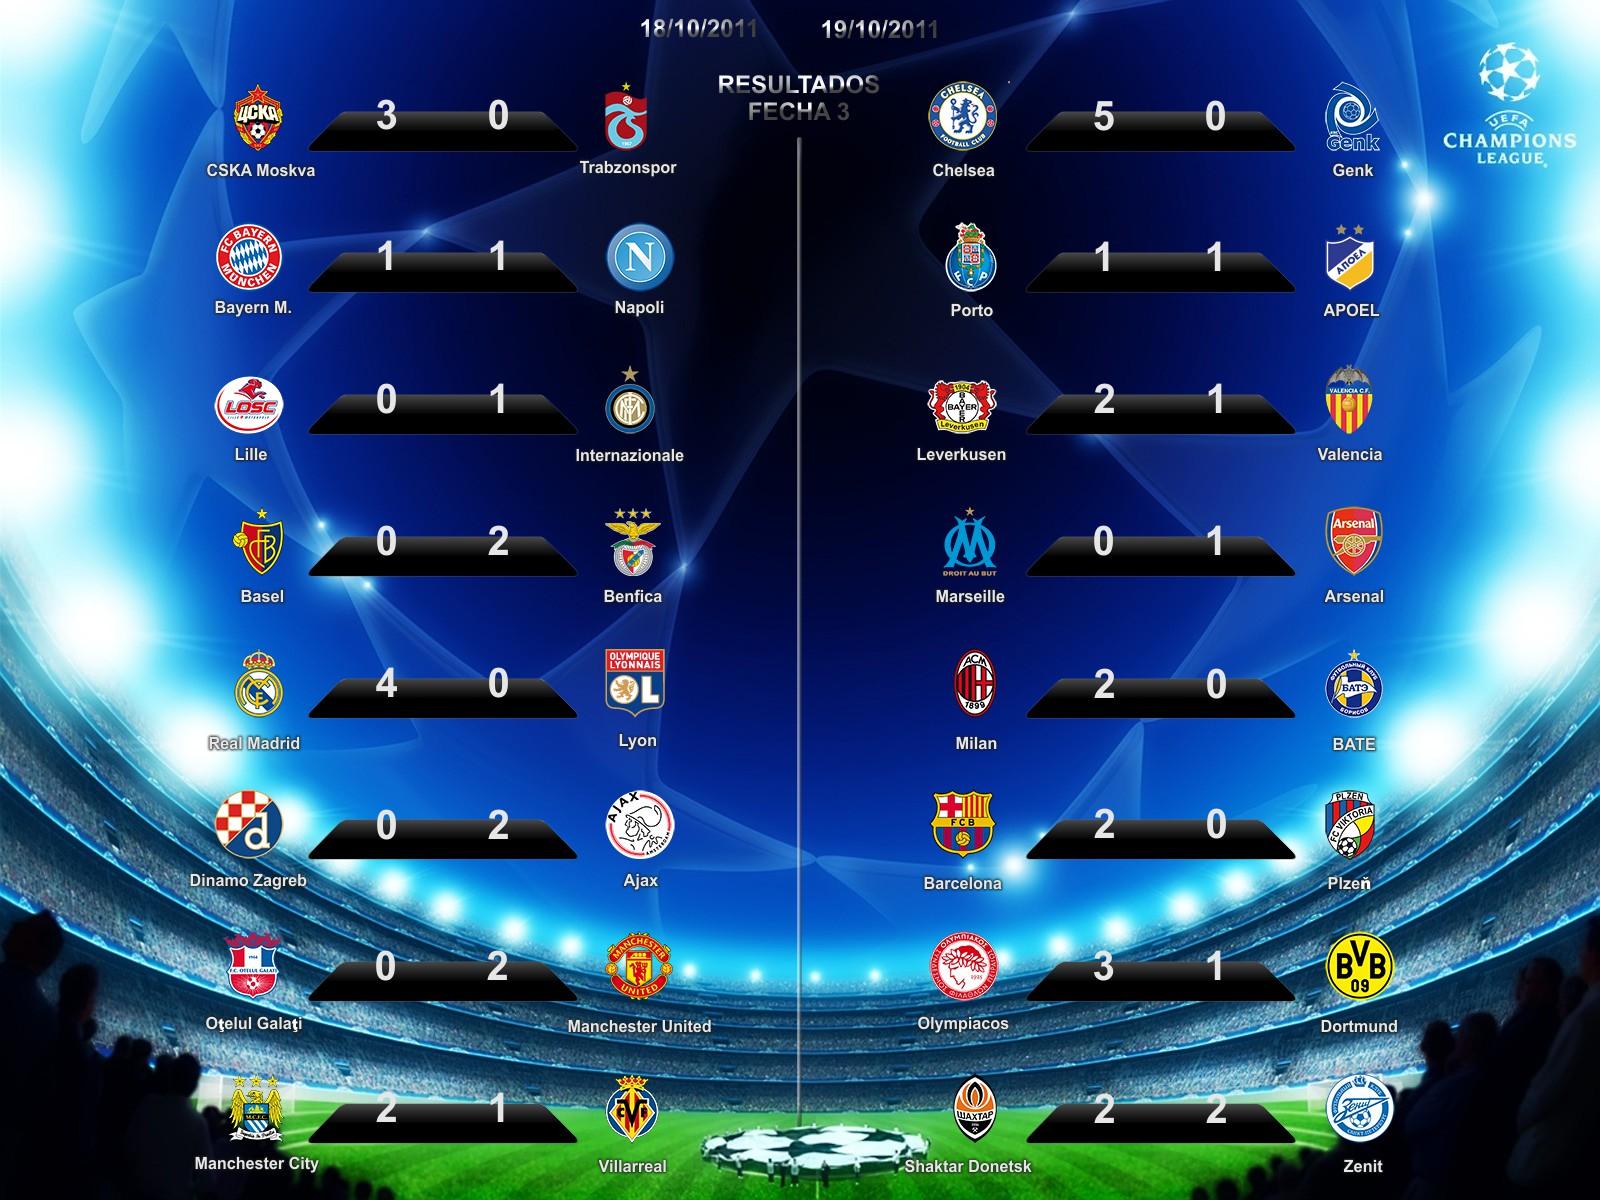 Letras Libres UEFA Champions League 2011 Resultados Fecha 3